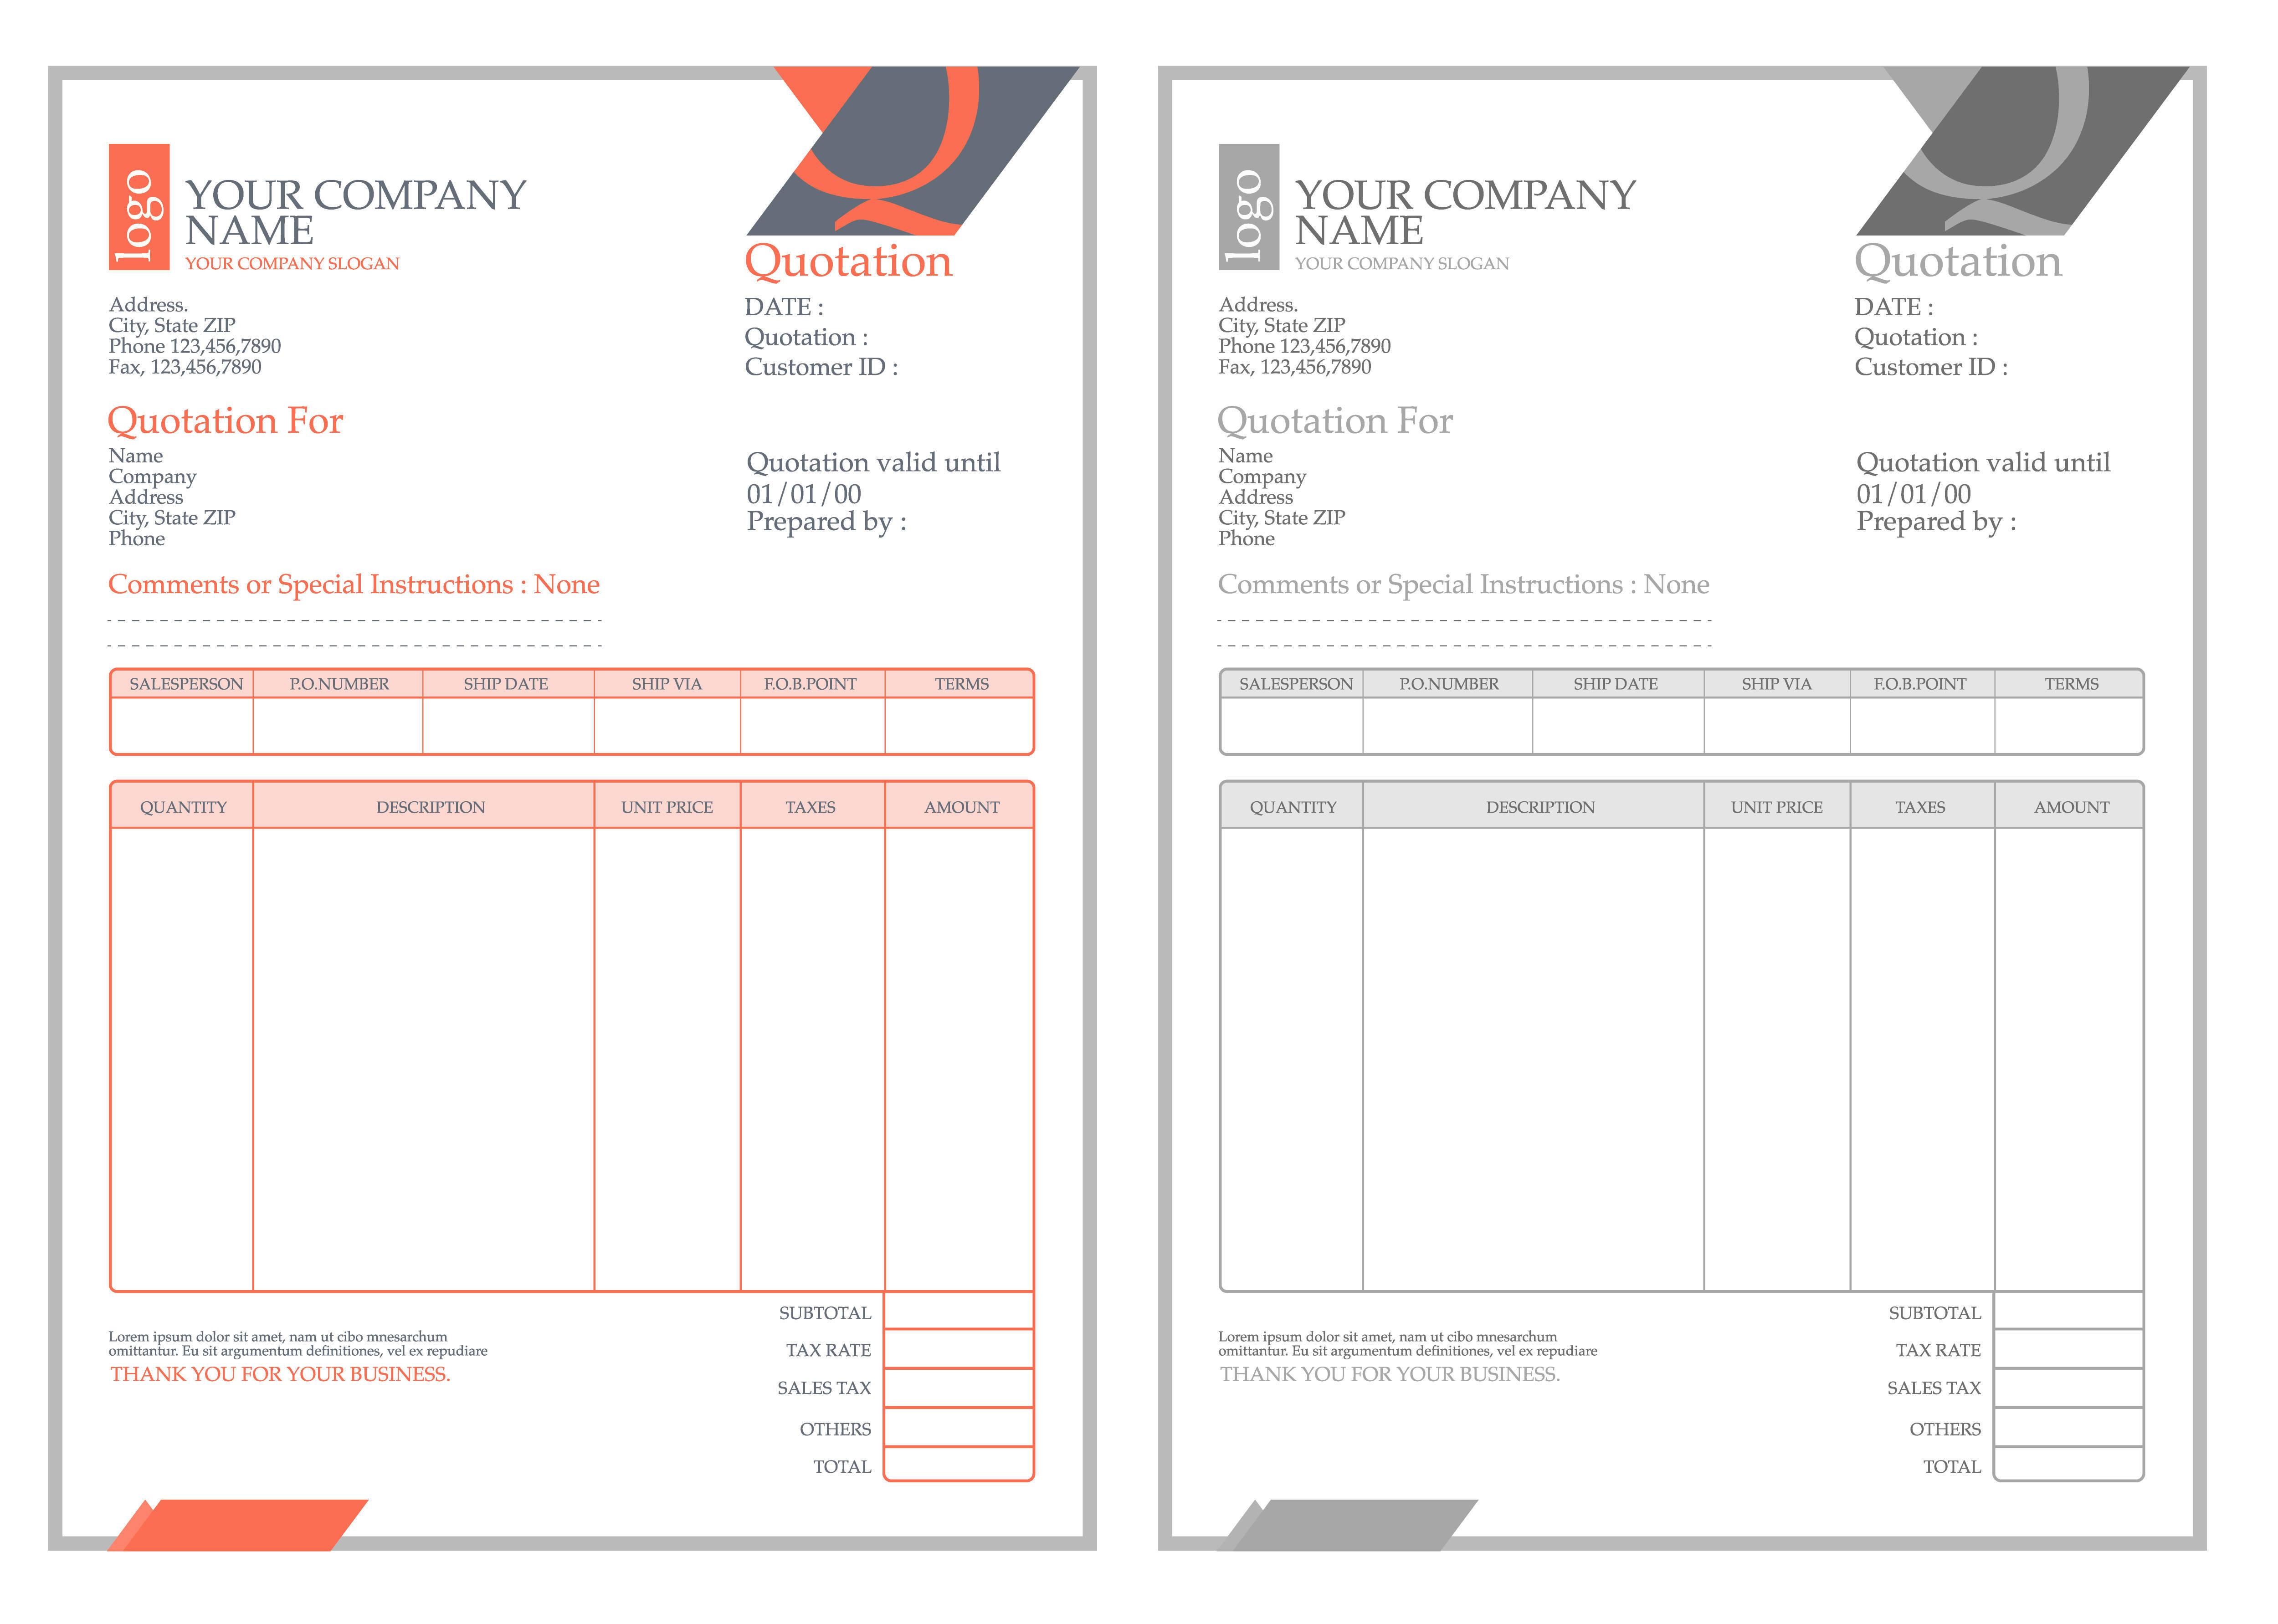 La gestión de las facturas, un trabajo sencillo y barato gracias a Ziclope